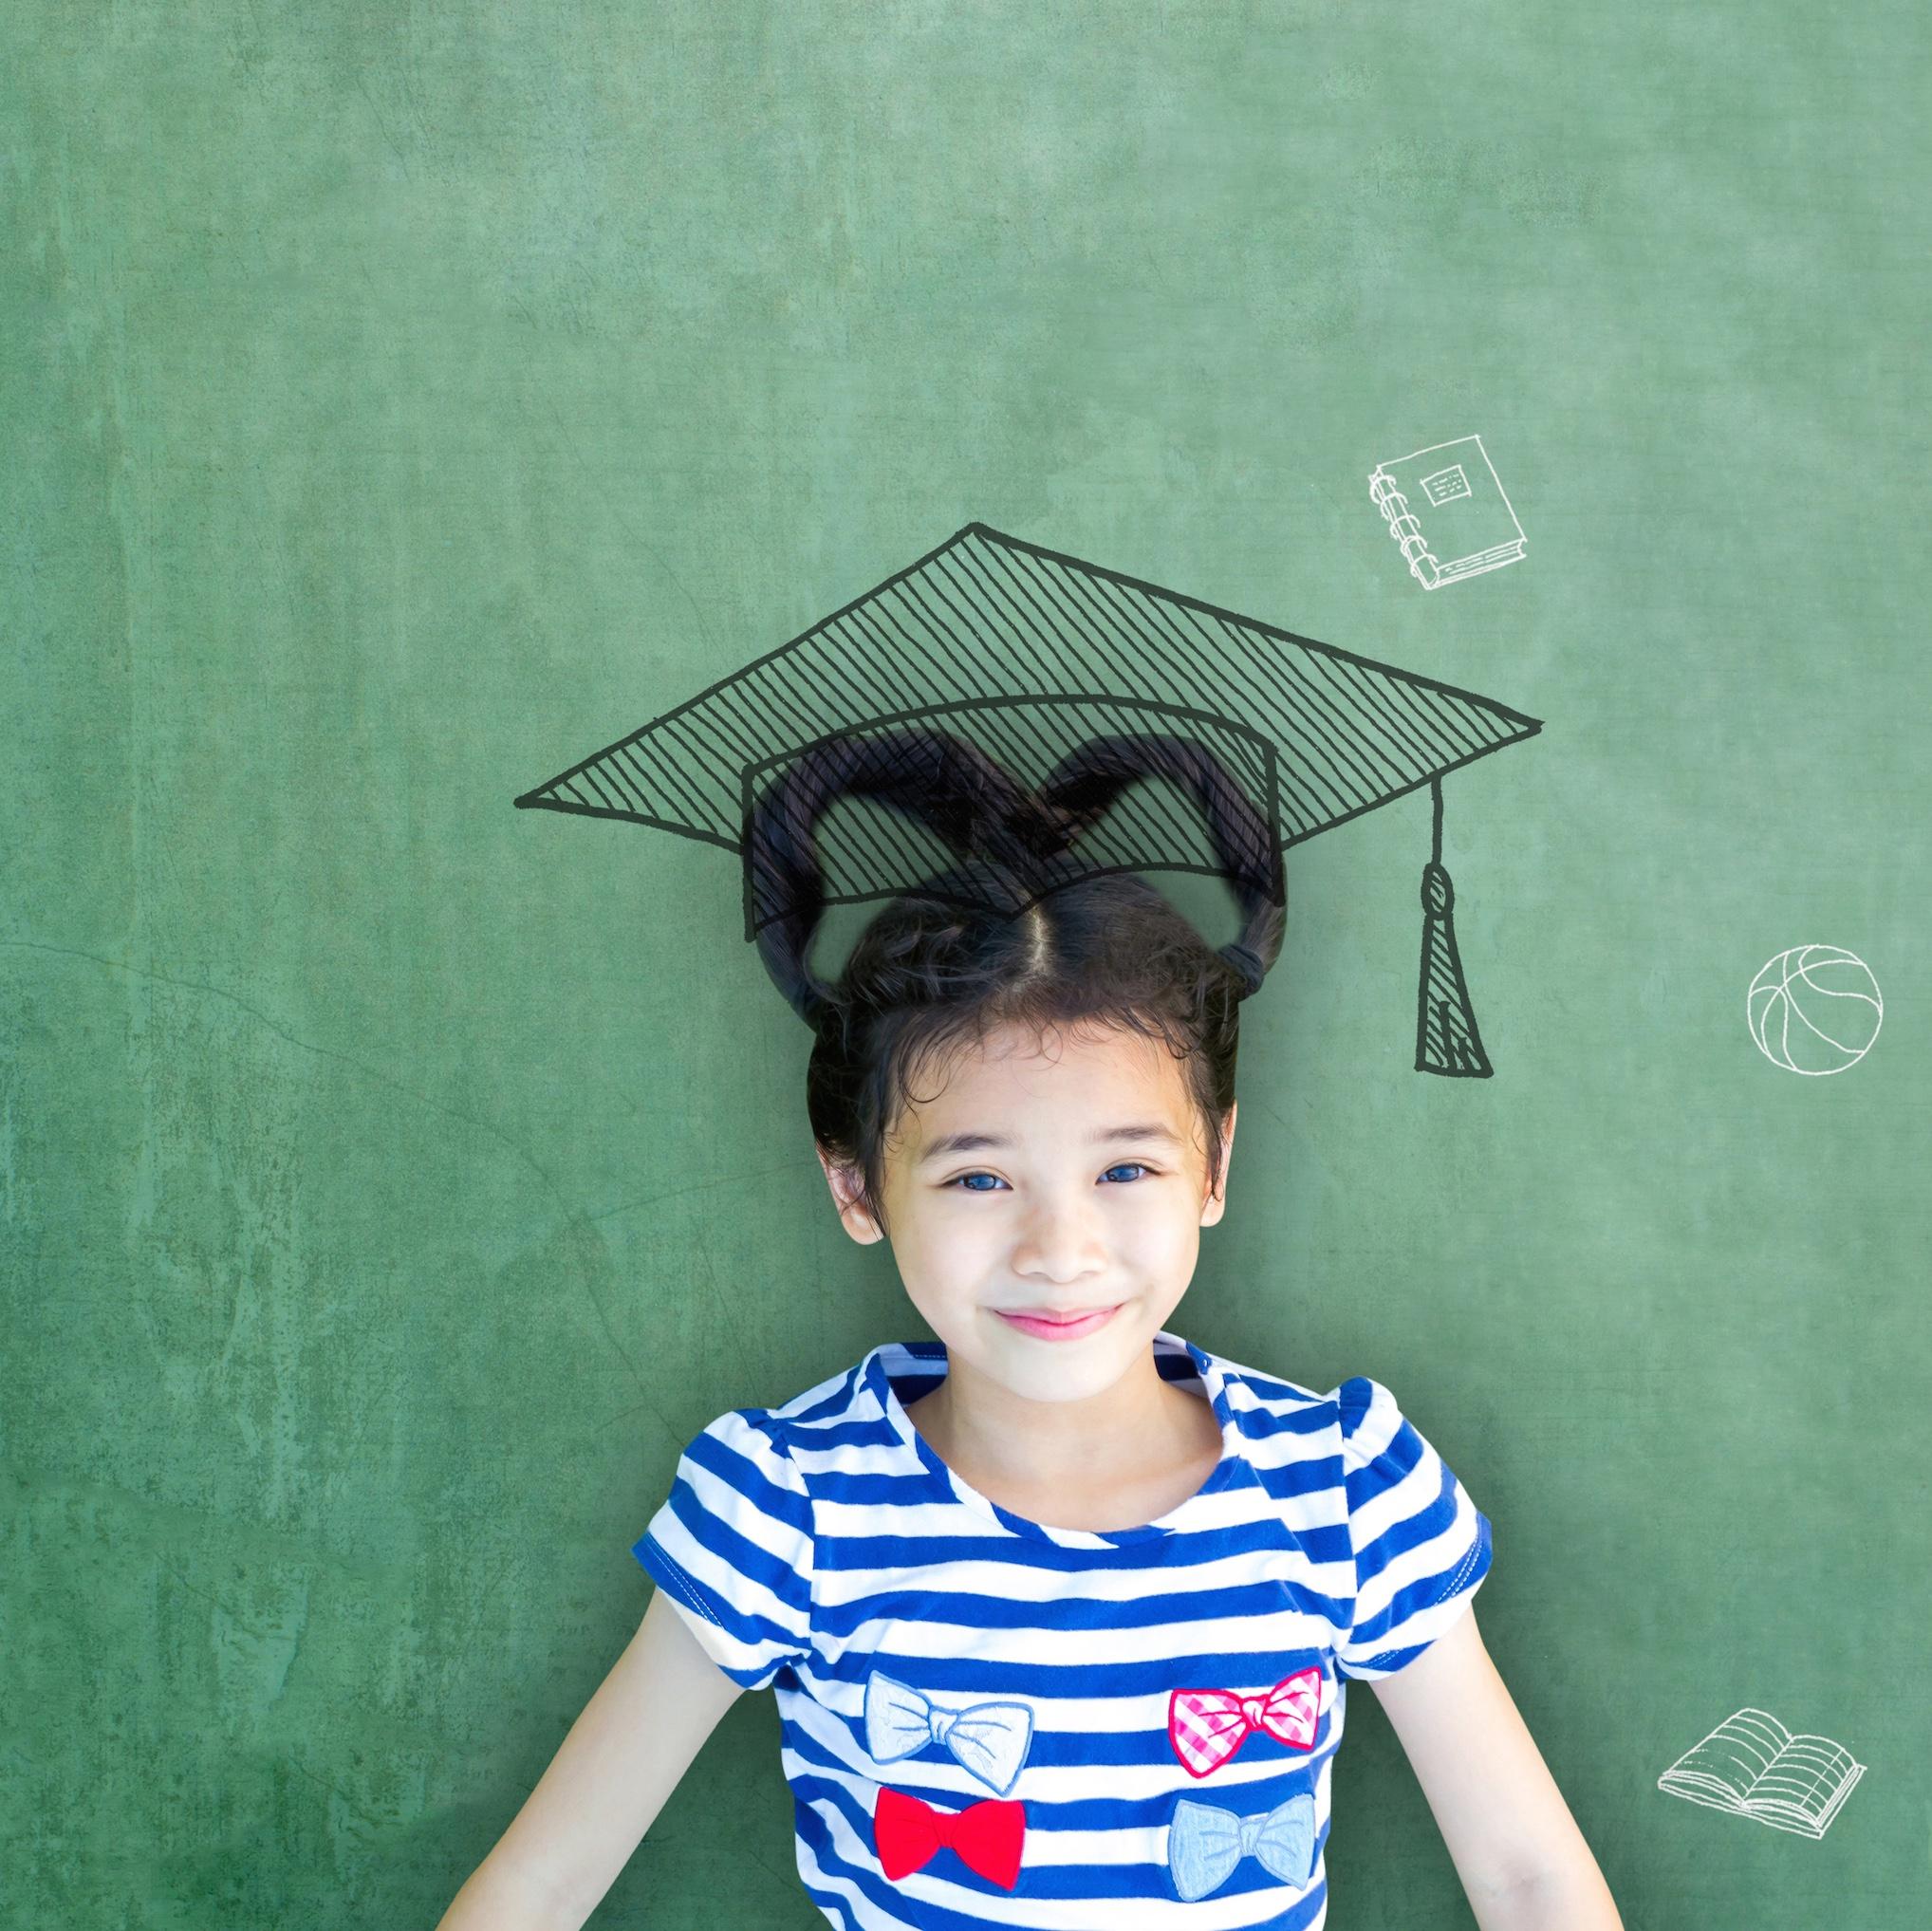 La infancia se suma a la petición de UNICEF Comité Español para lograr un Pacto por la Educación